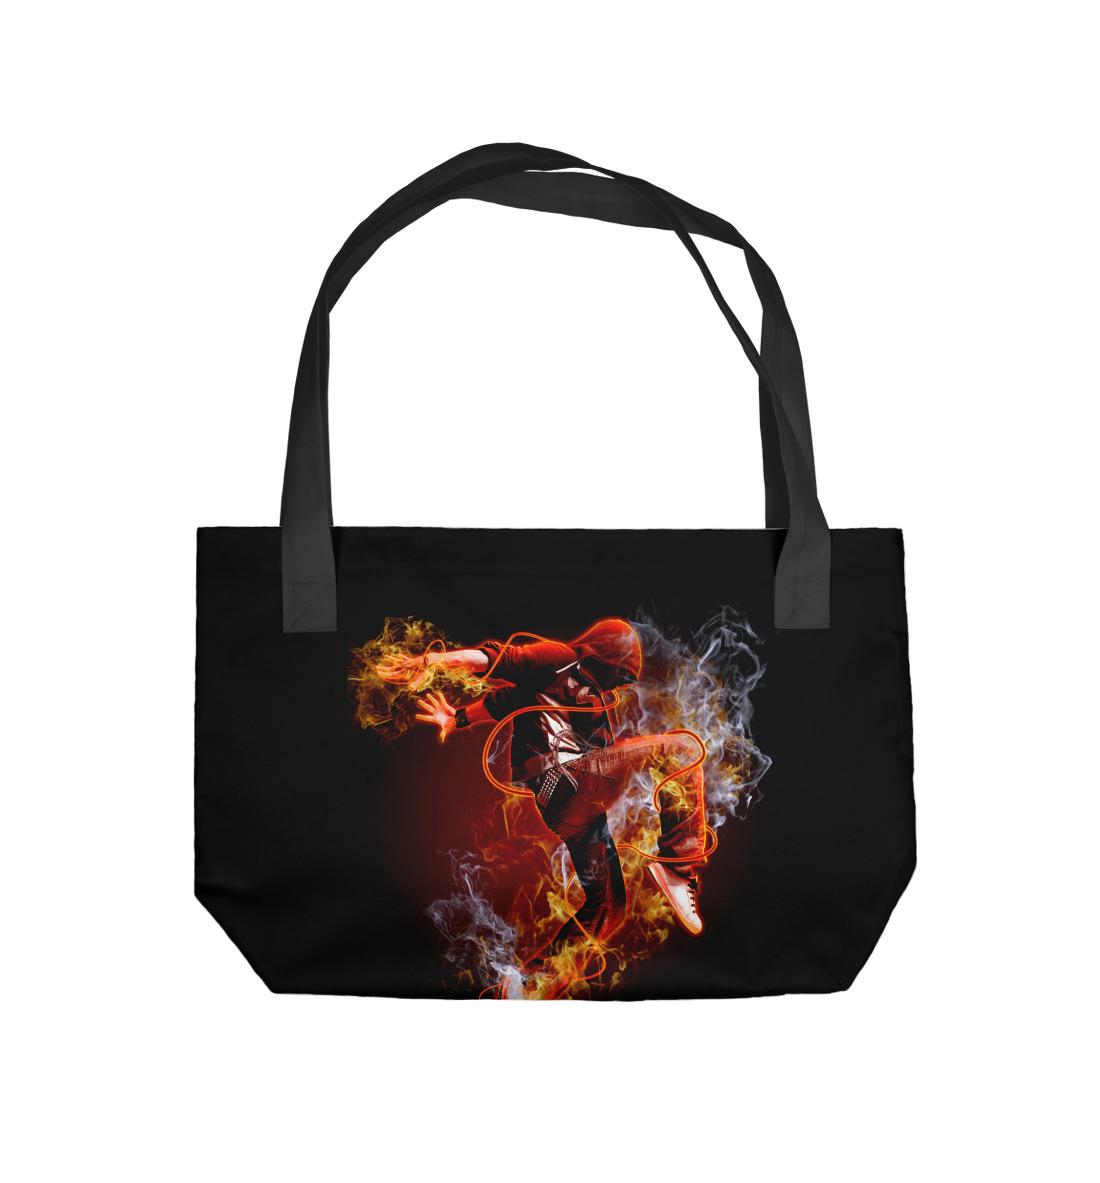 Фото - Огненный танец огненный знак